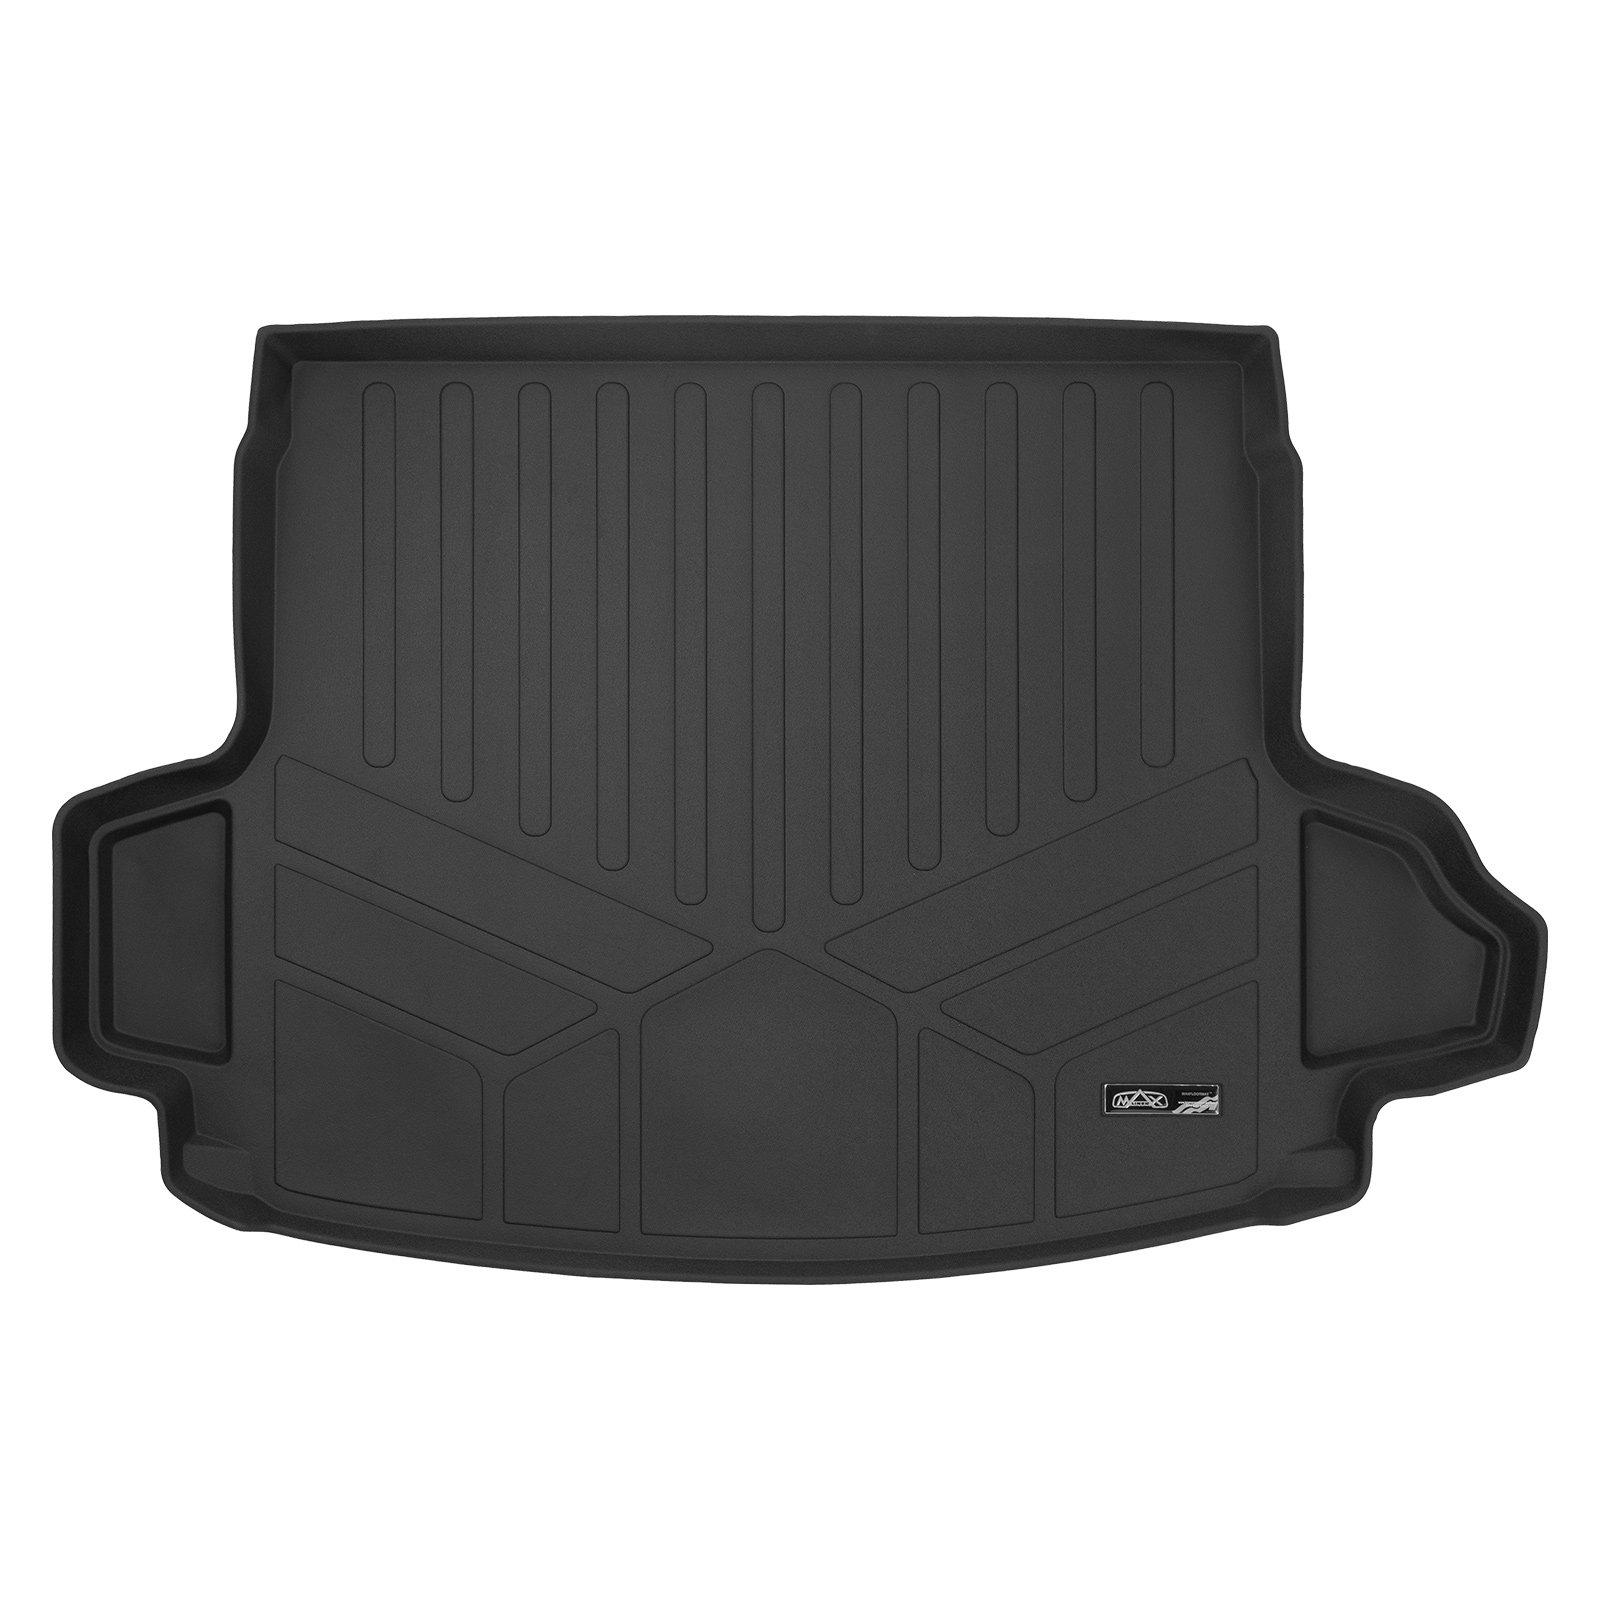 MAXLINER Custom Fit Floor Mats and Cargo Liner Set Black for 2017-2019 Honda CR-V Factory Upper Deck Position